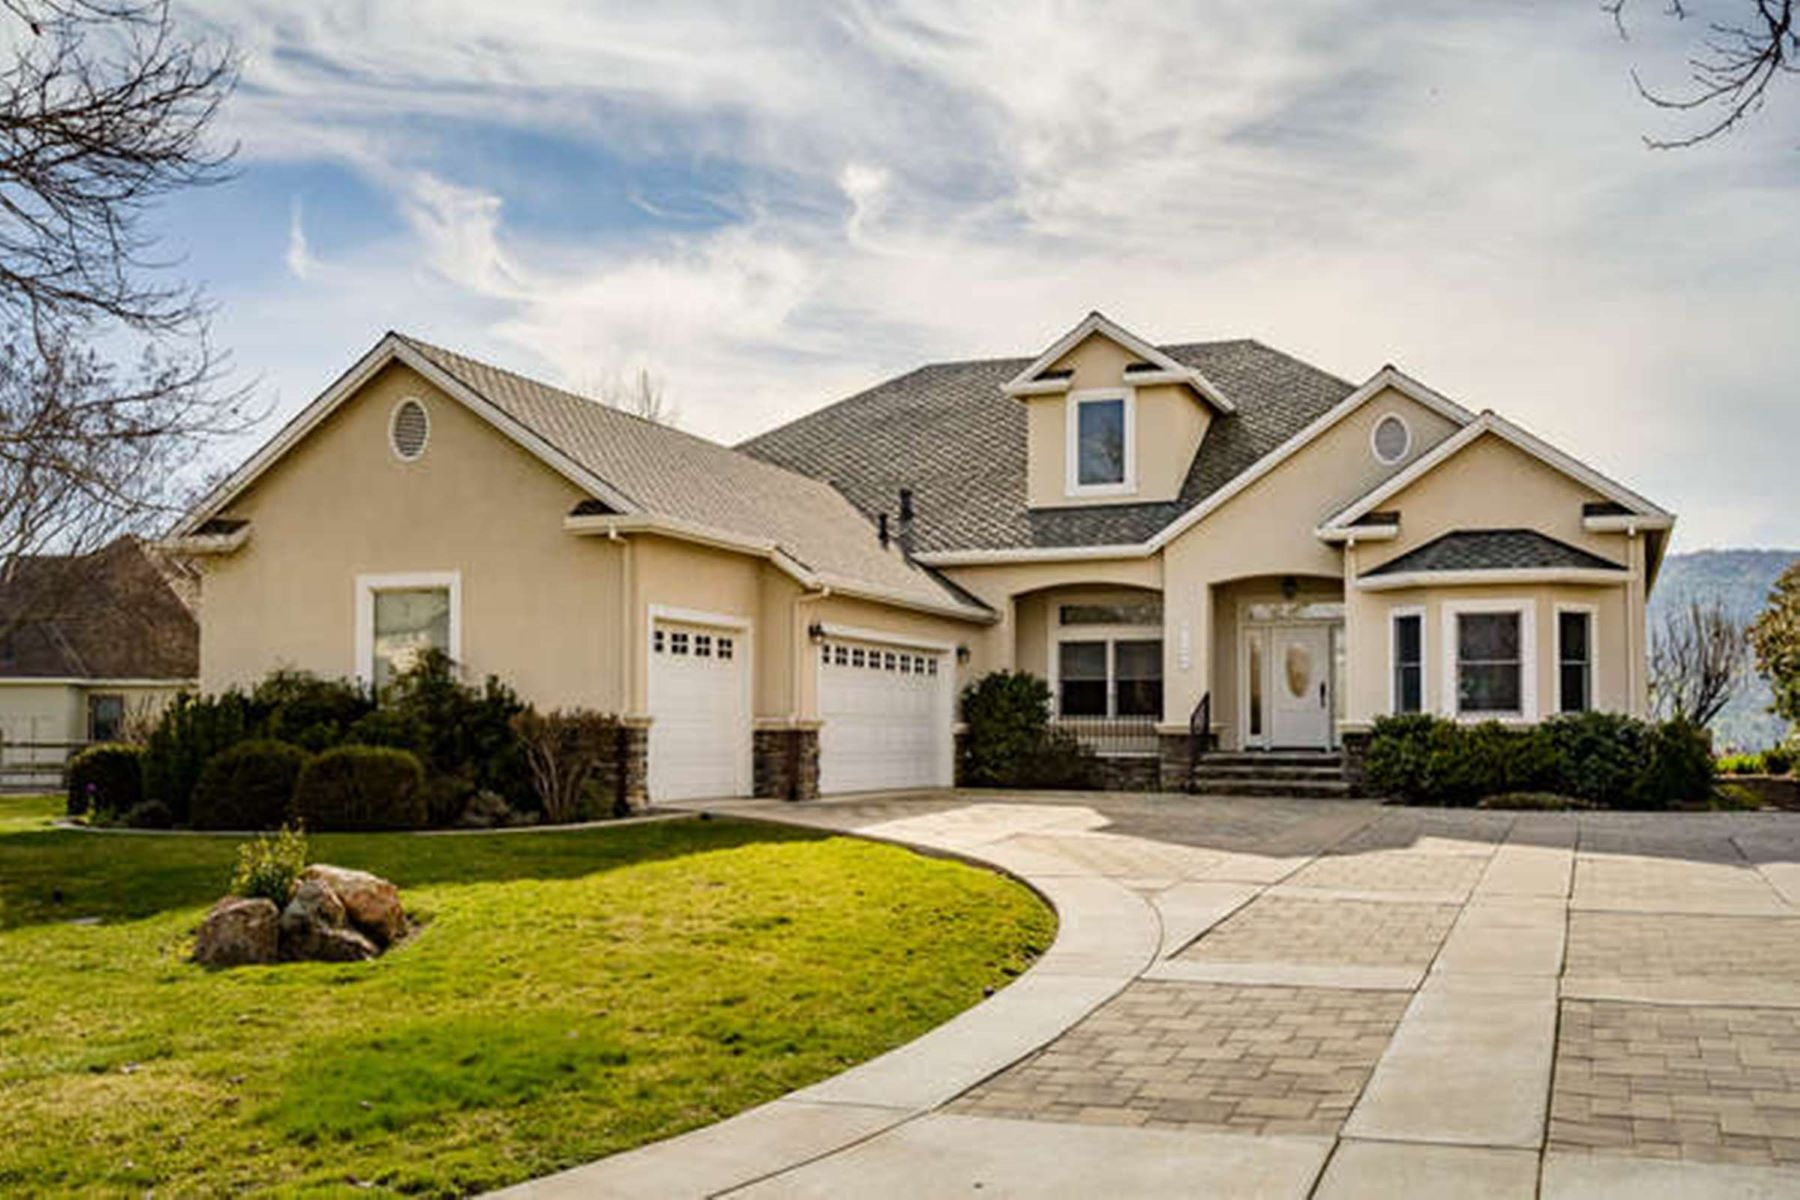 Частный односемейный дом для того Продажа на 2100 Oak Creek Drive Copperopolis, Калифорния 95228 Соединенные Штаты